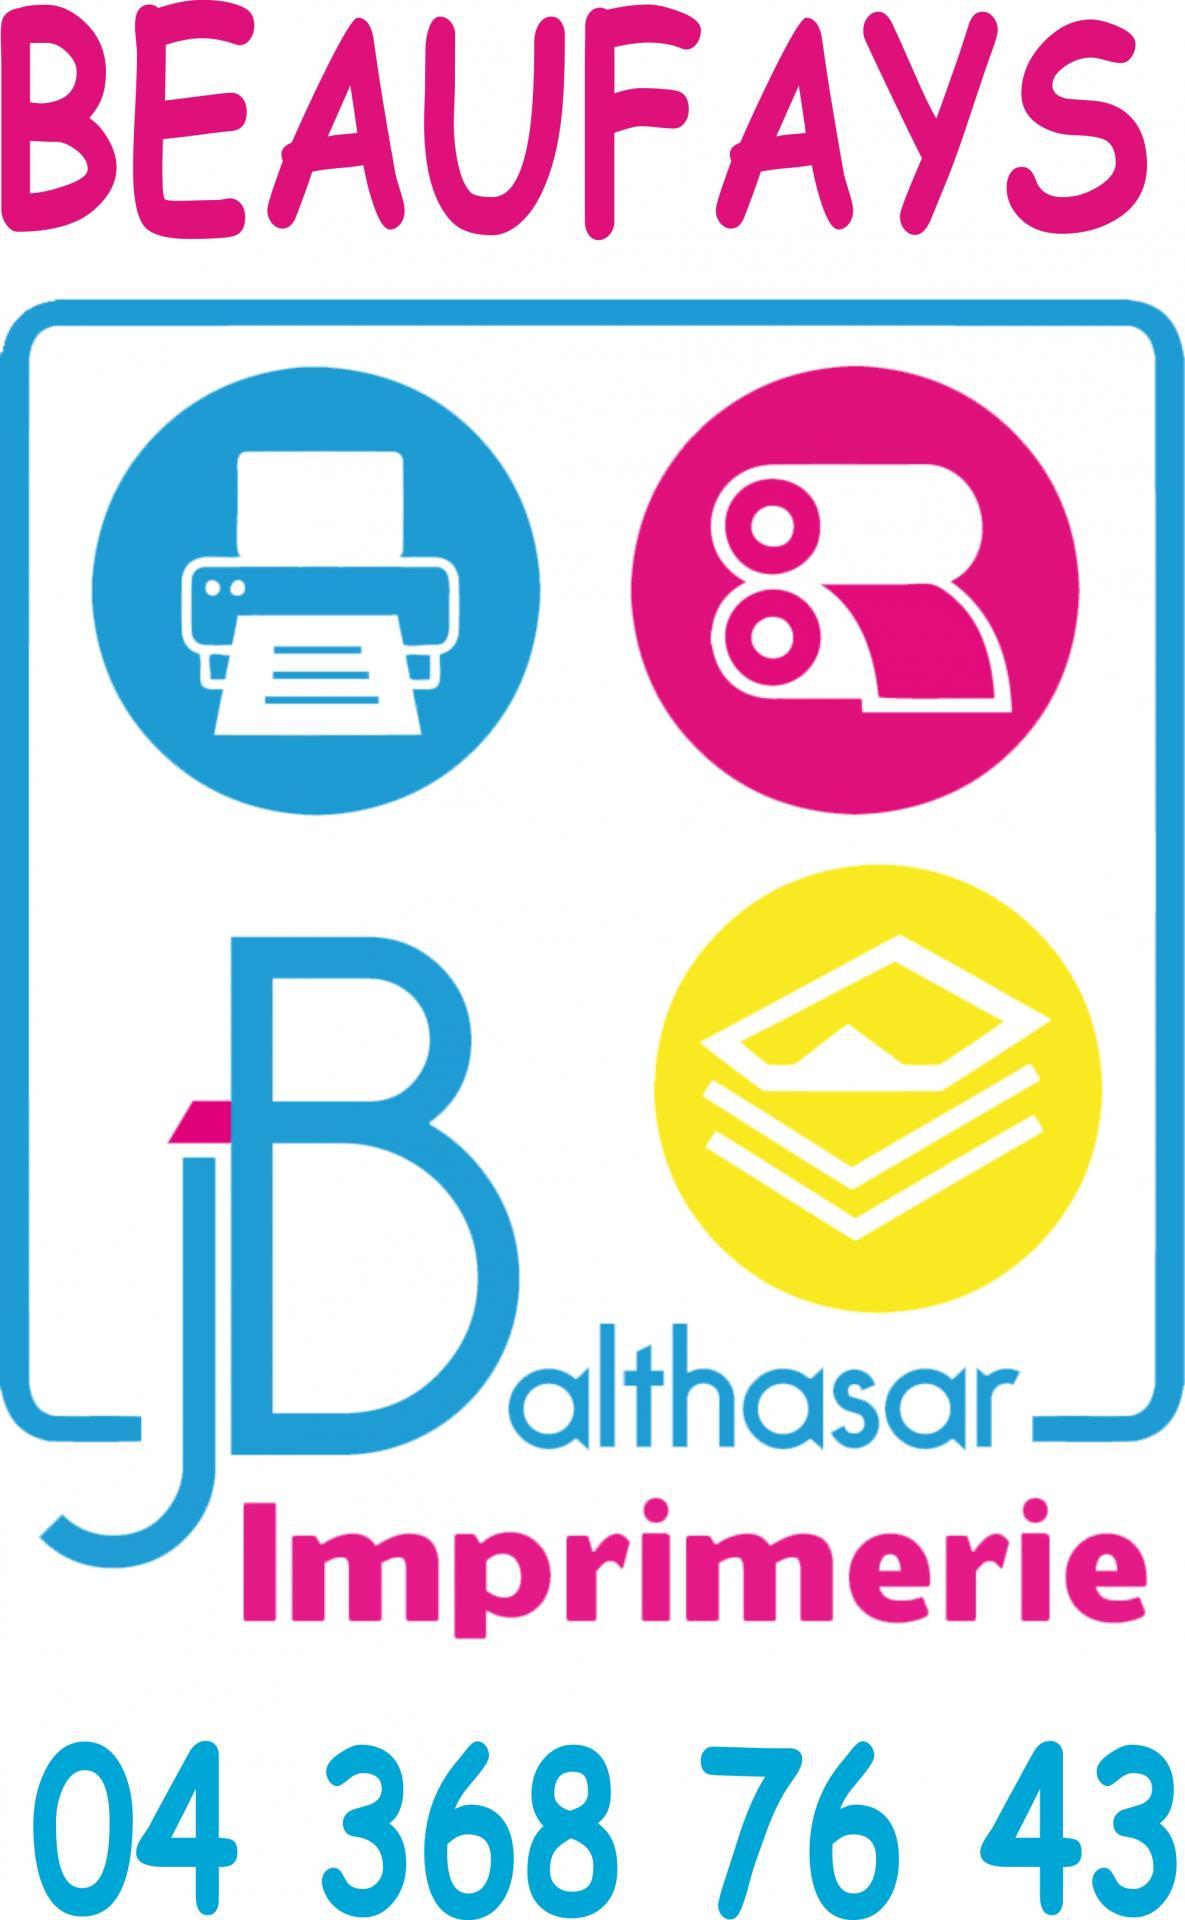 Imprimerie Balthasar